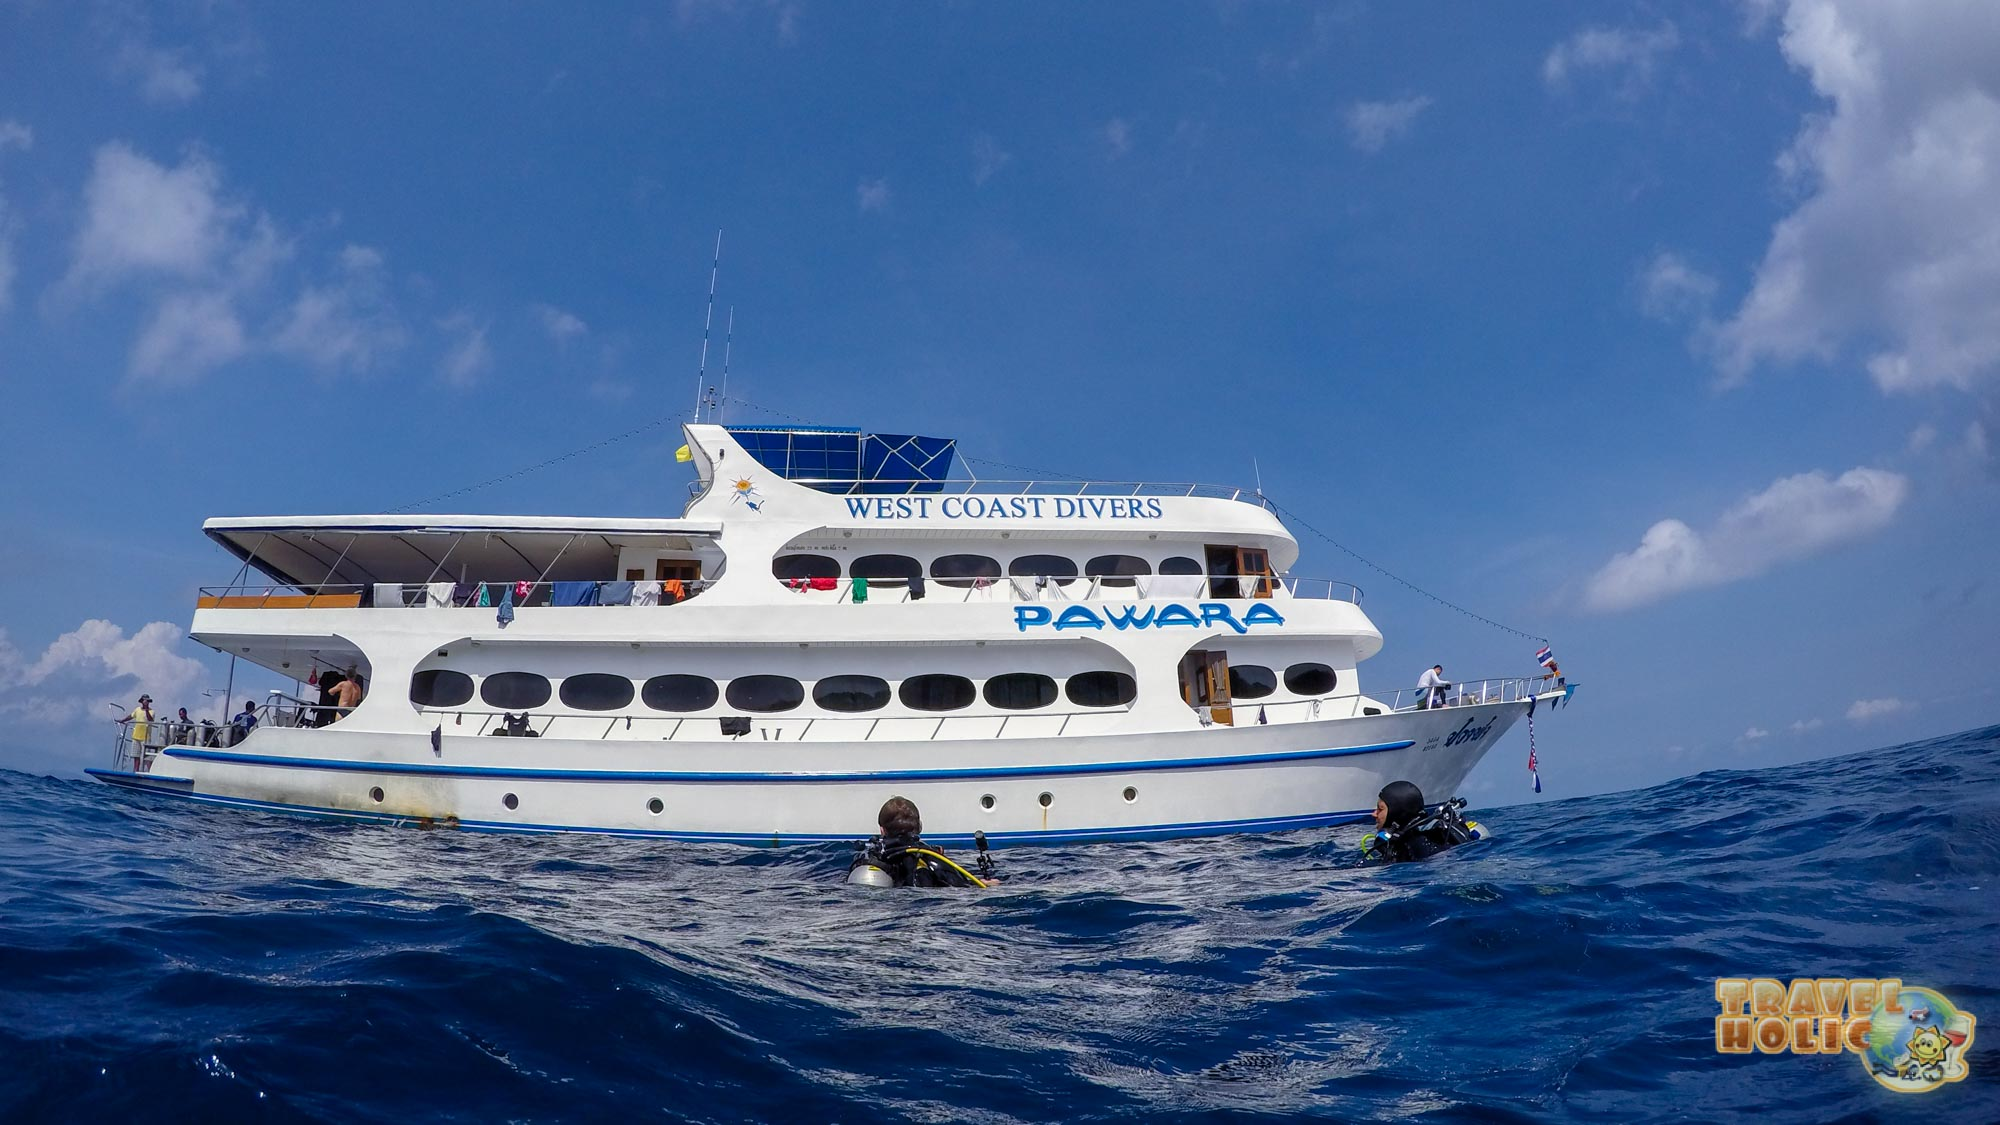 Vue extérieure du MV Pawara de West Coast Divers